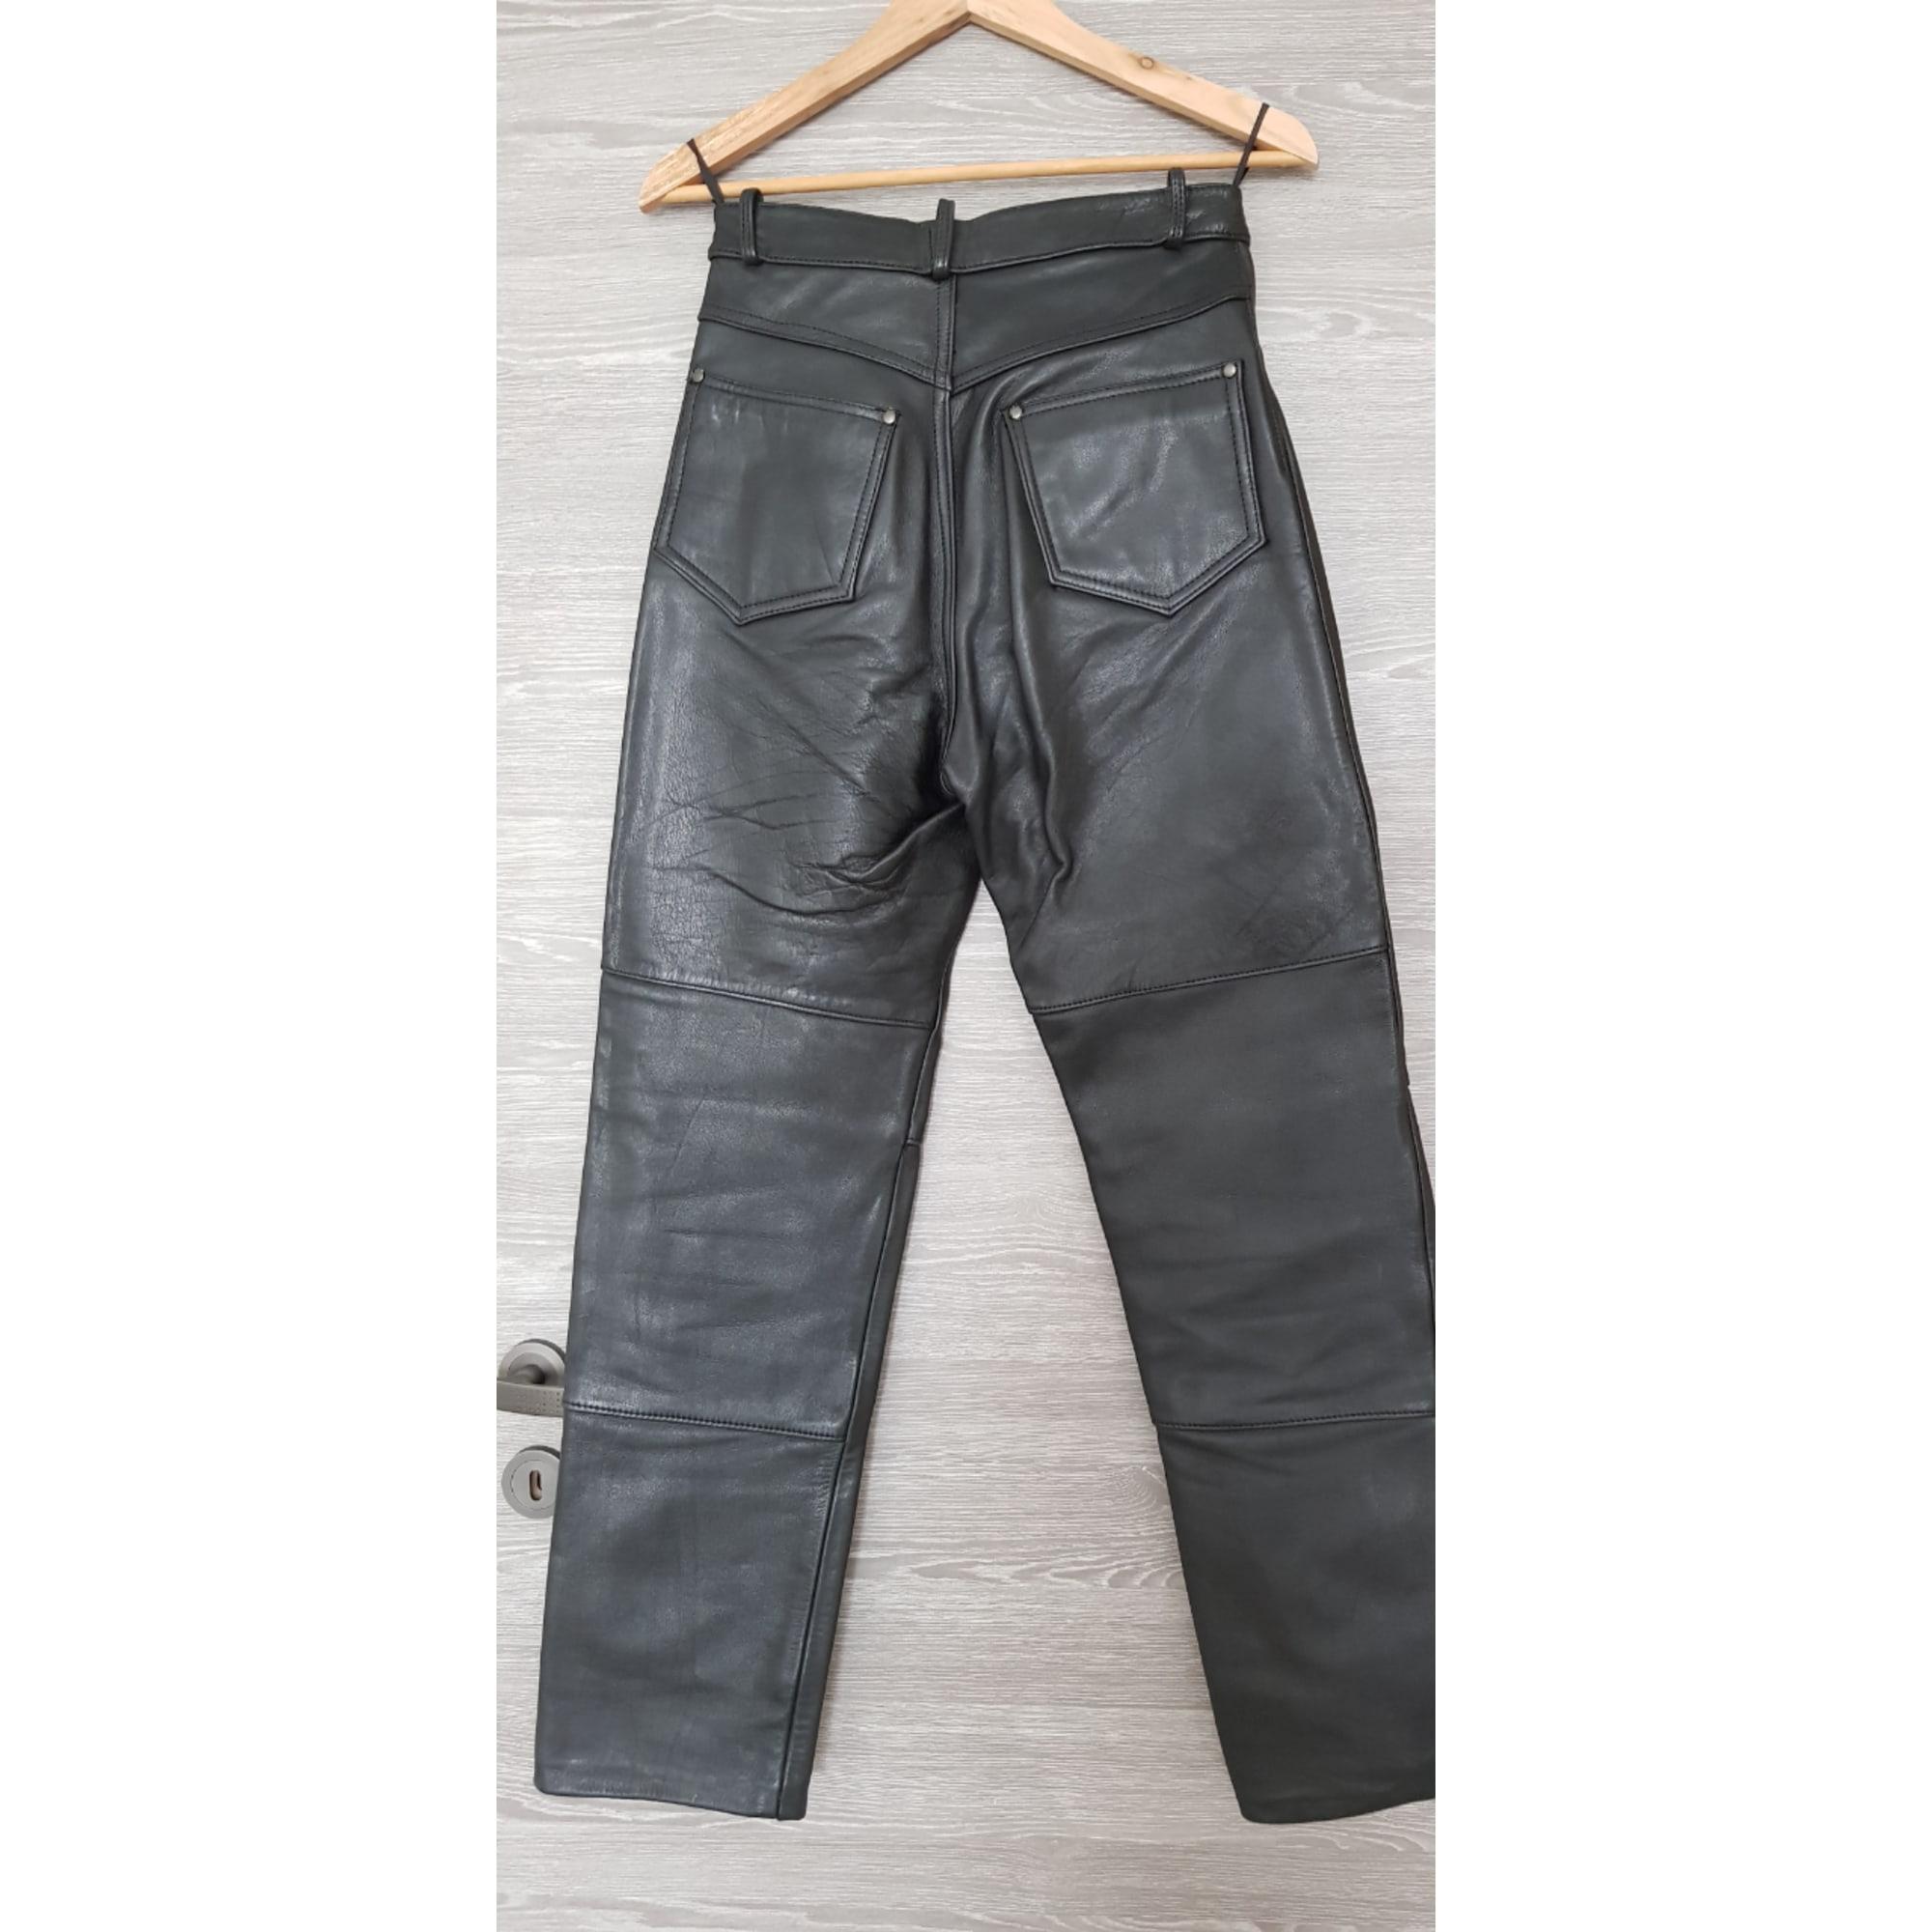 Pantalon droit MARQUE INCONNUE Noir